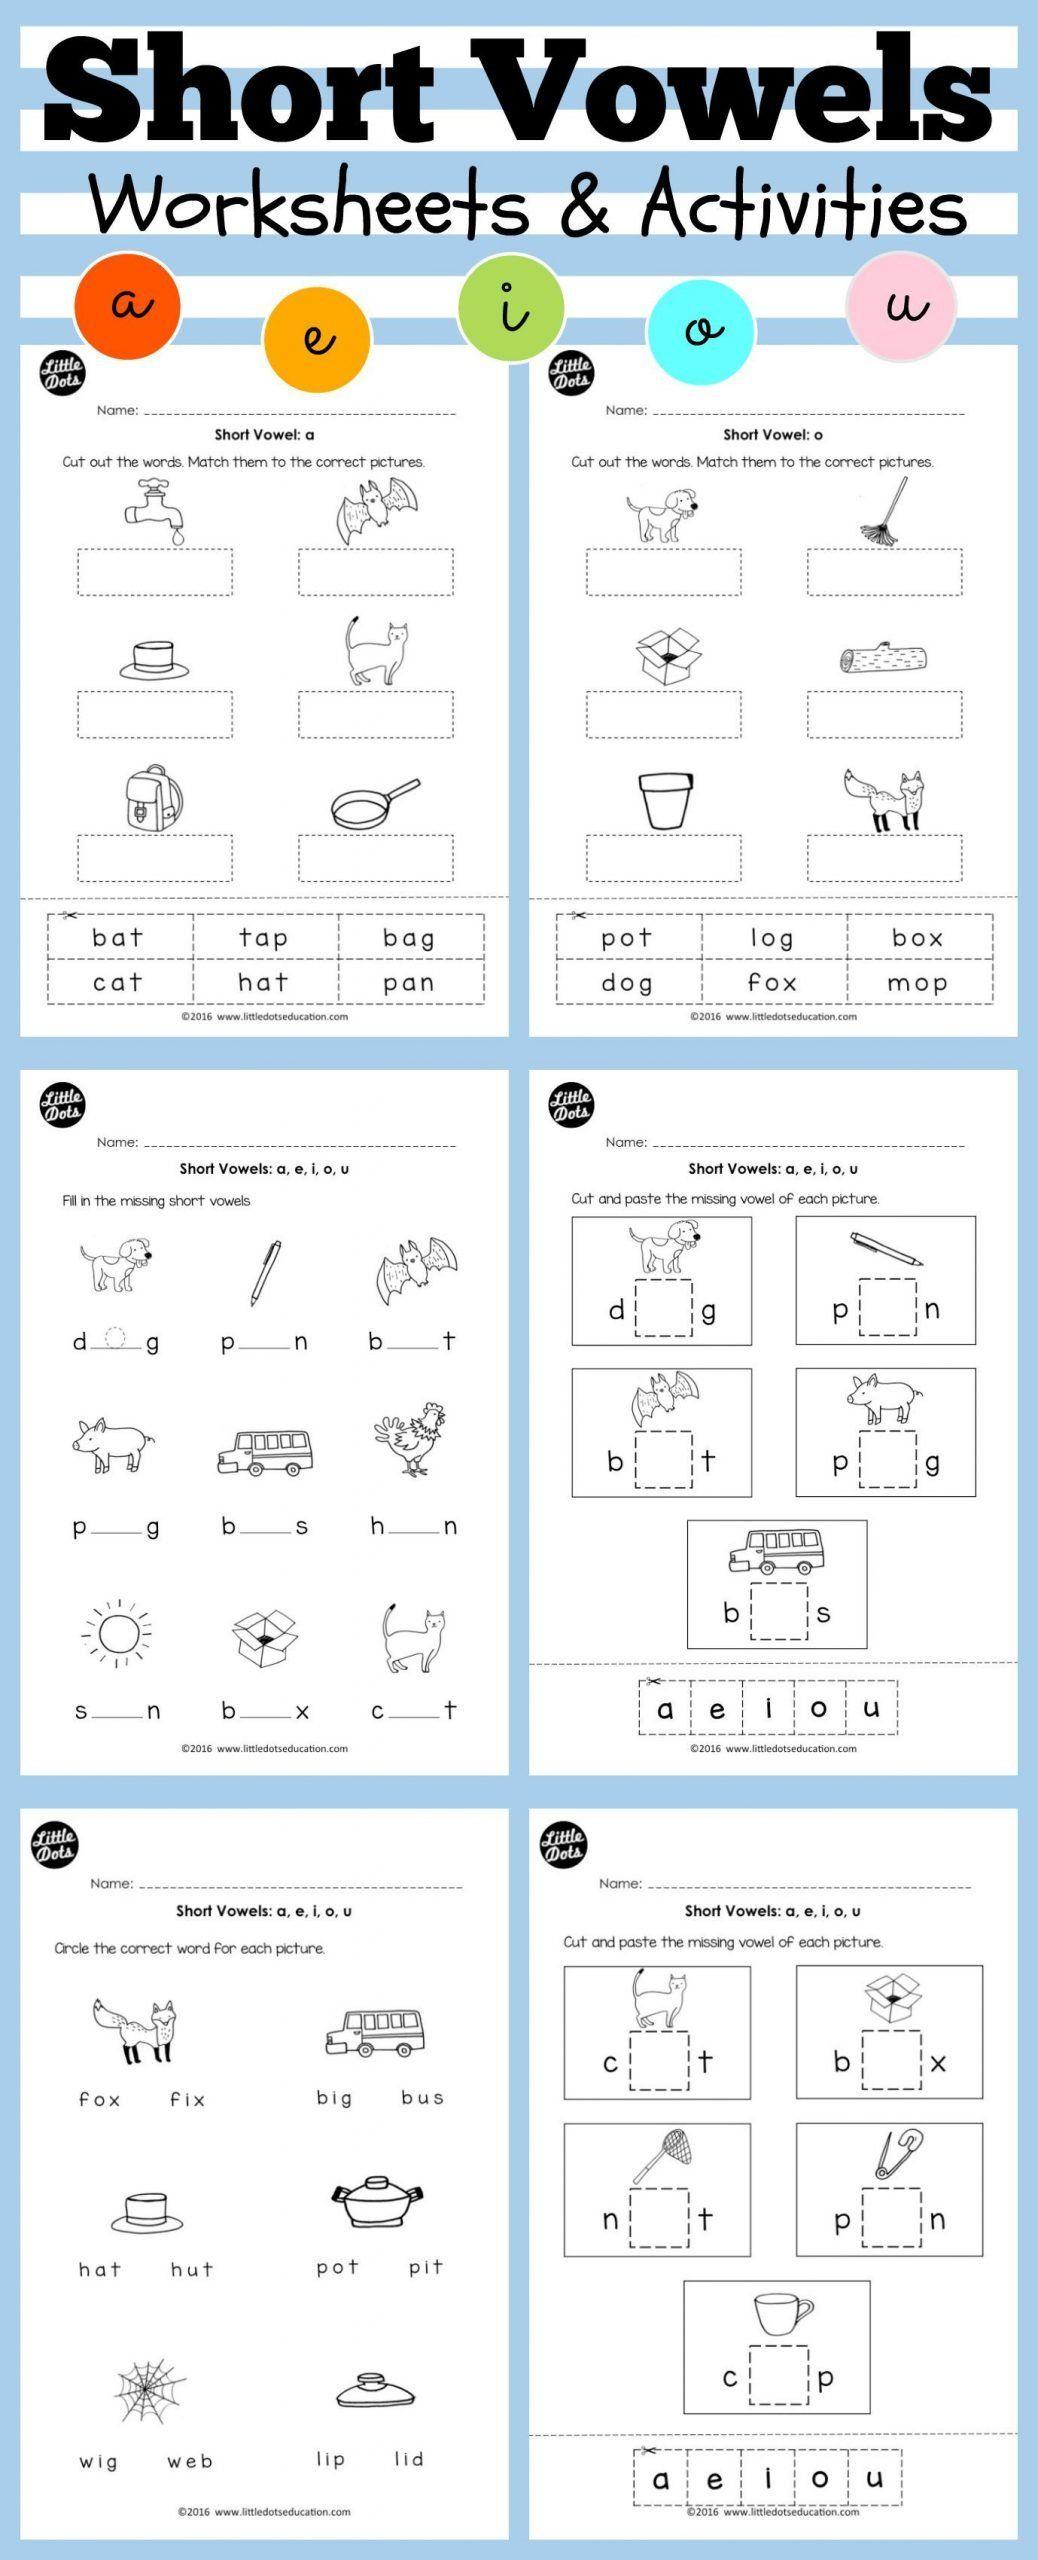 Vowel Worksheet For Kindergarten Short Vowels Worksheets